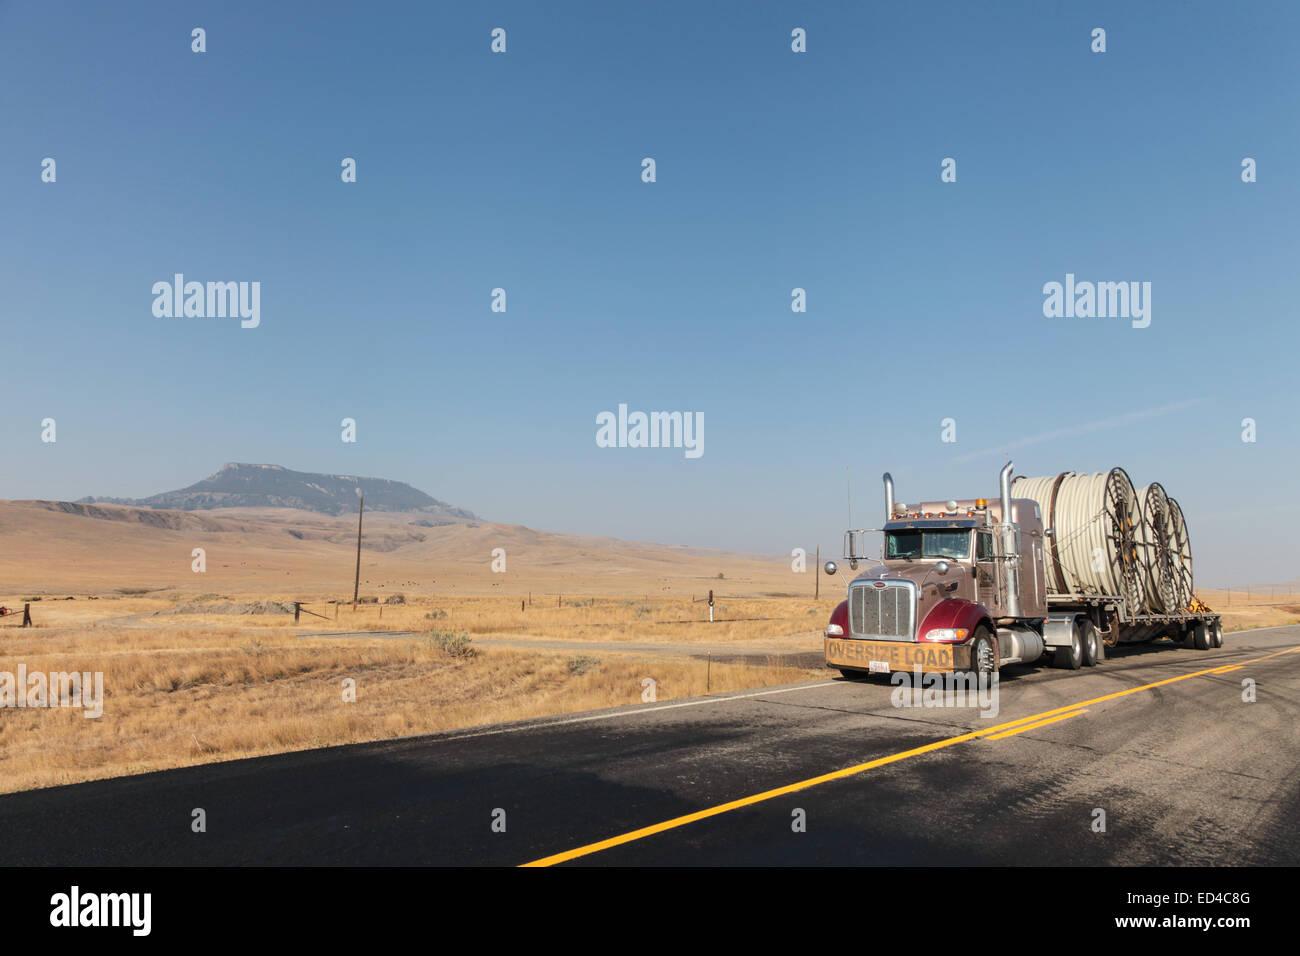 Rollen aus Kunststoff U-Rohr auf einem amerikanischen gebaut Peterbilt 379 Semi Truck flache Deck trailer Überschrift Stockbild